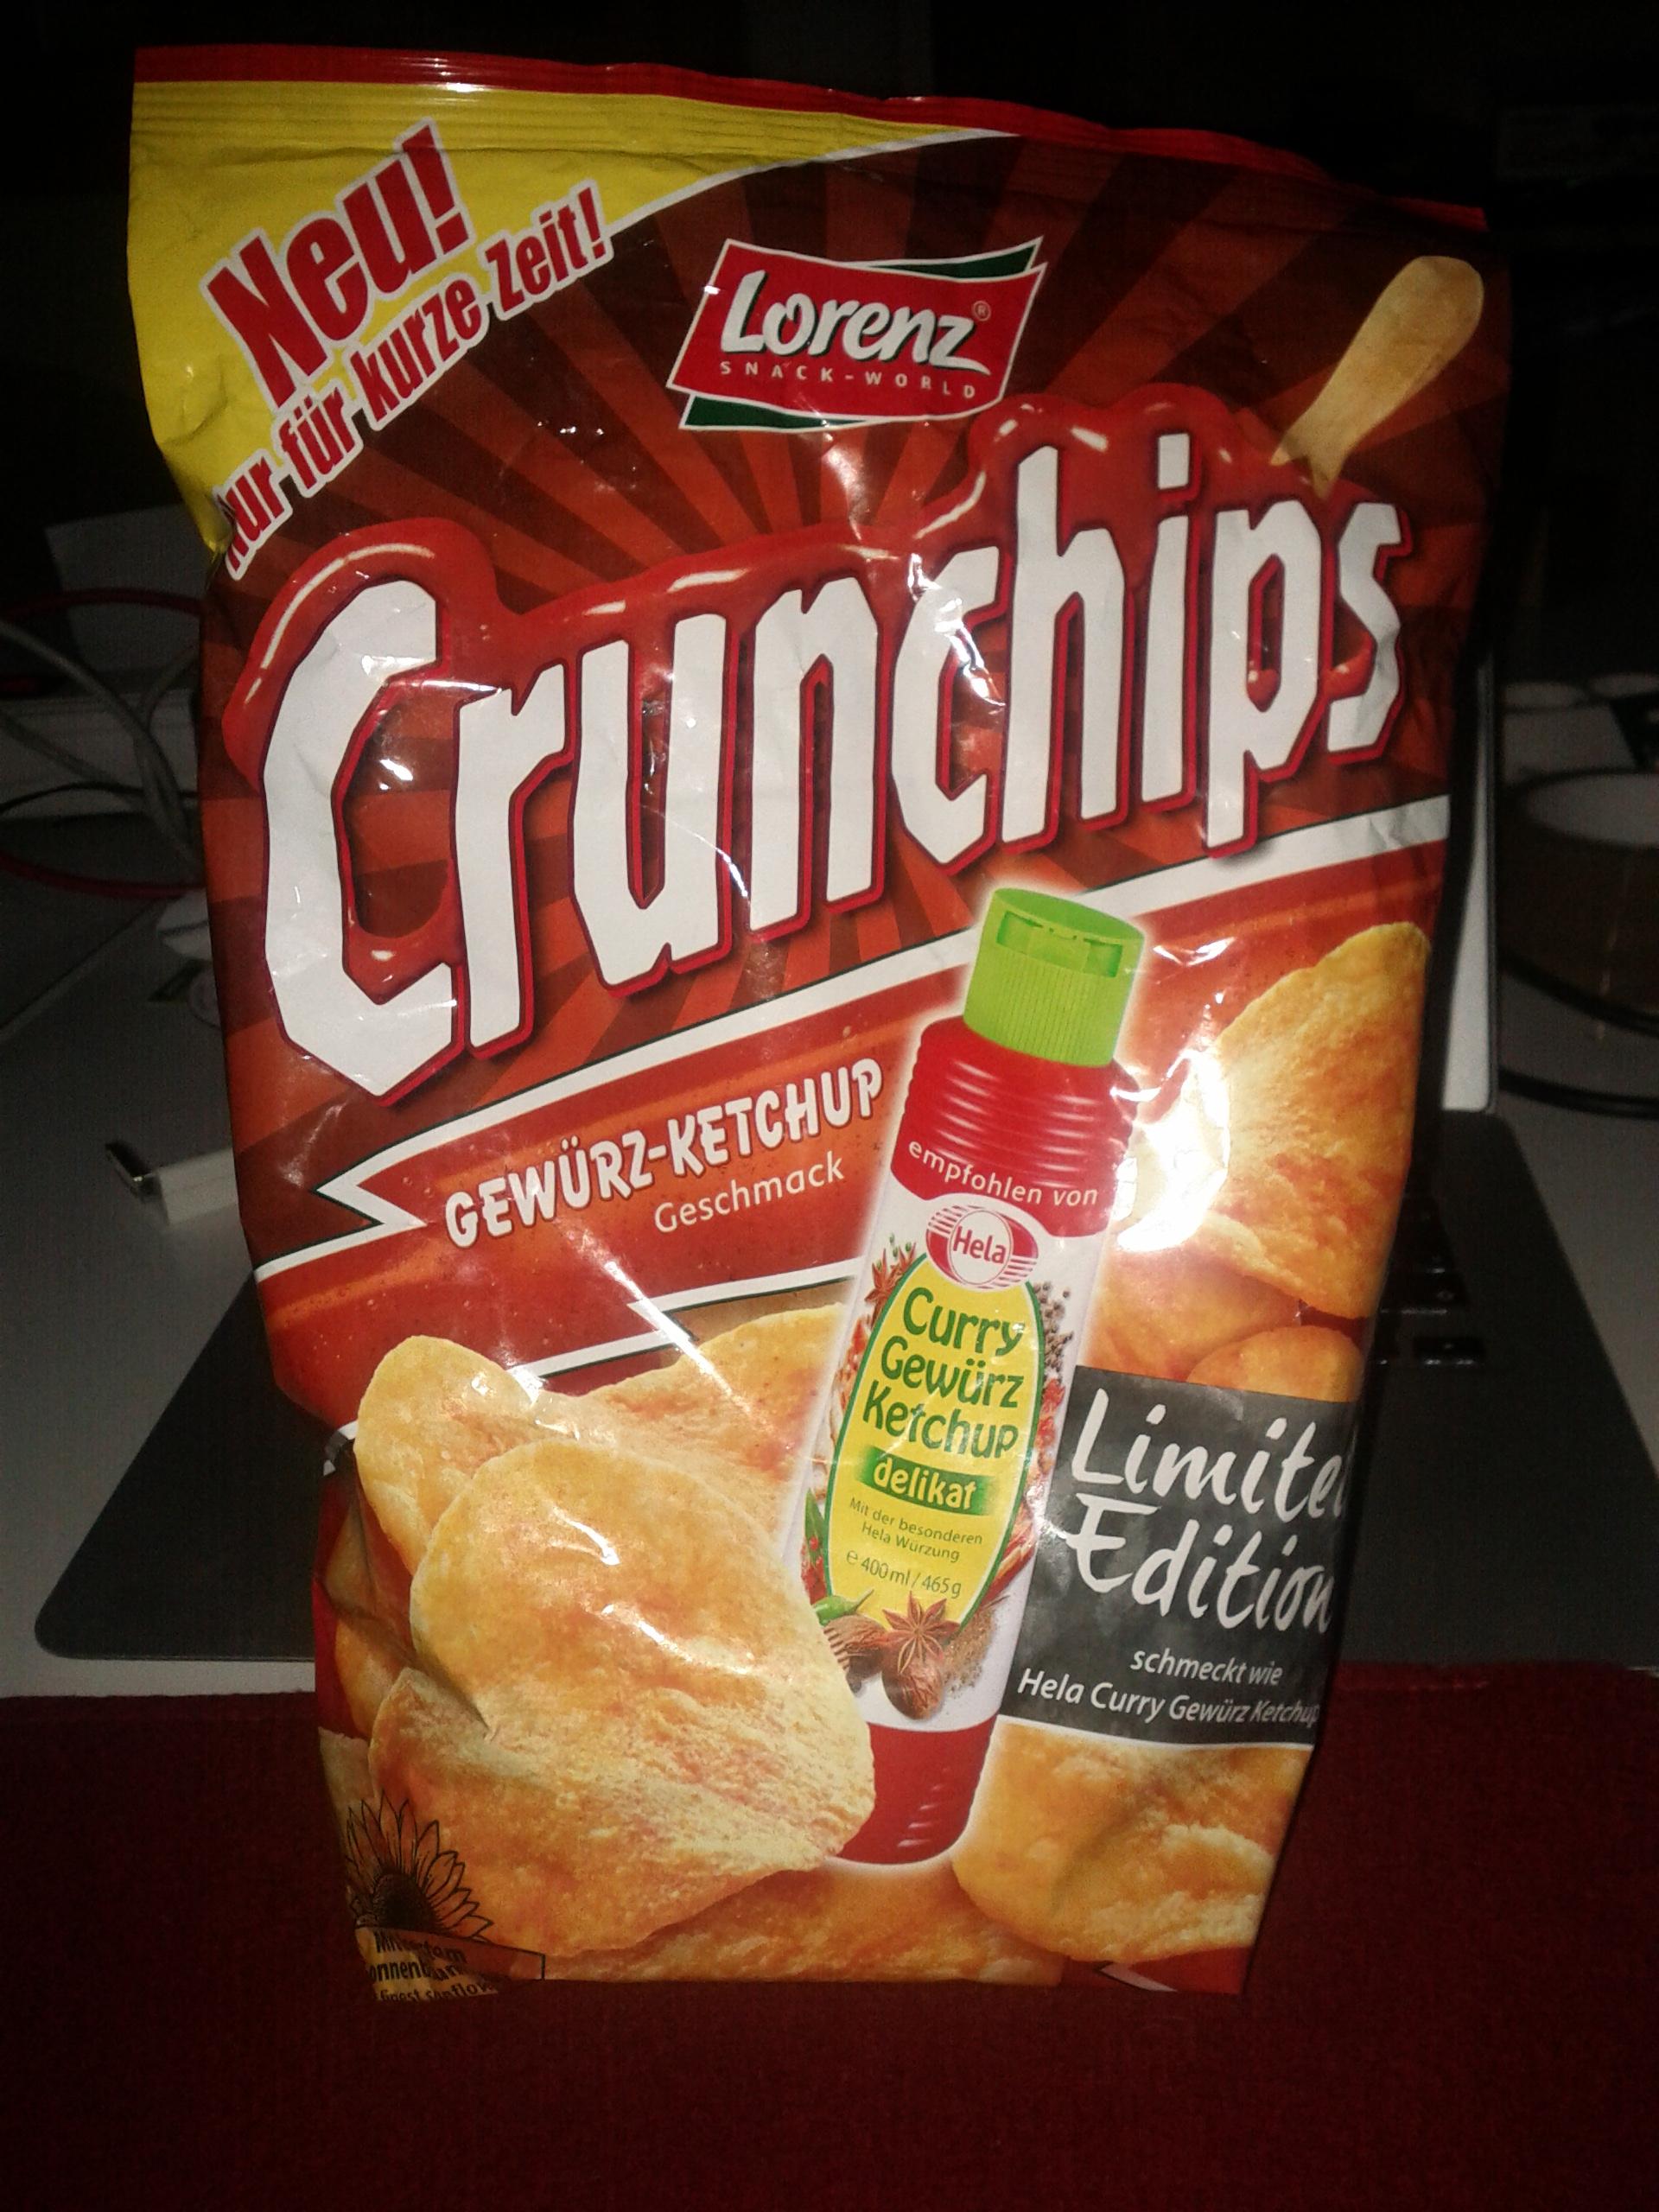 https://foodloader.net/bl1nk_2012-08-02_Crunchips_Gewuerz-Ketchup.jpg